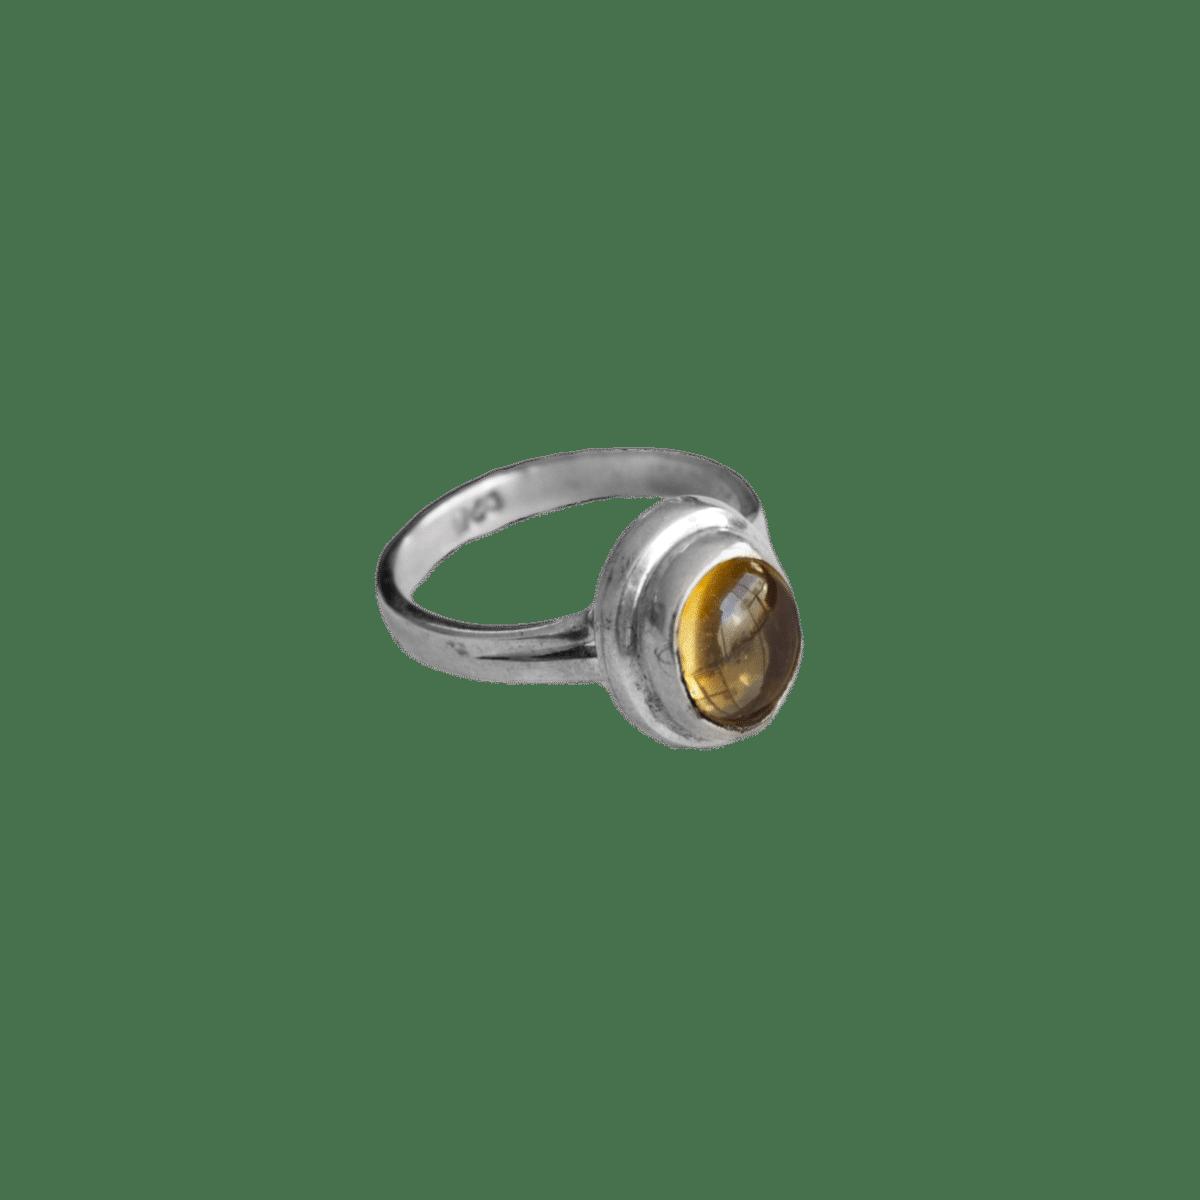 anillo plata opalo transparente 1